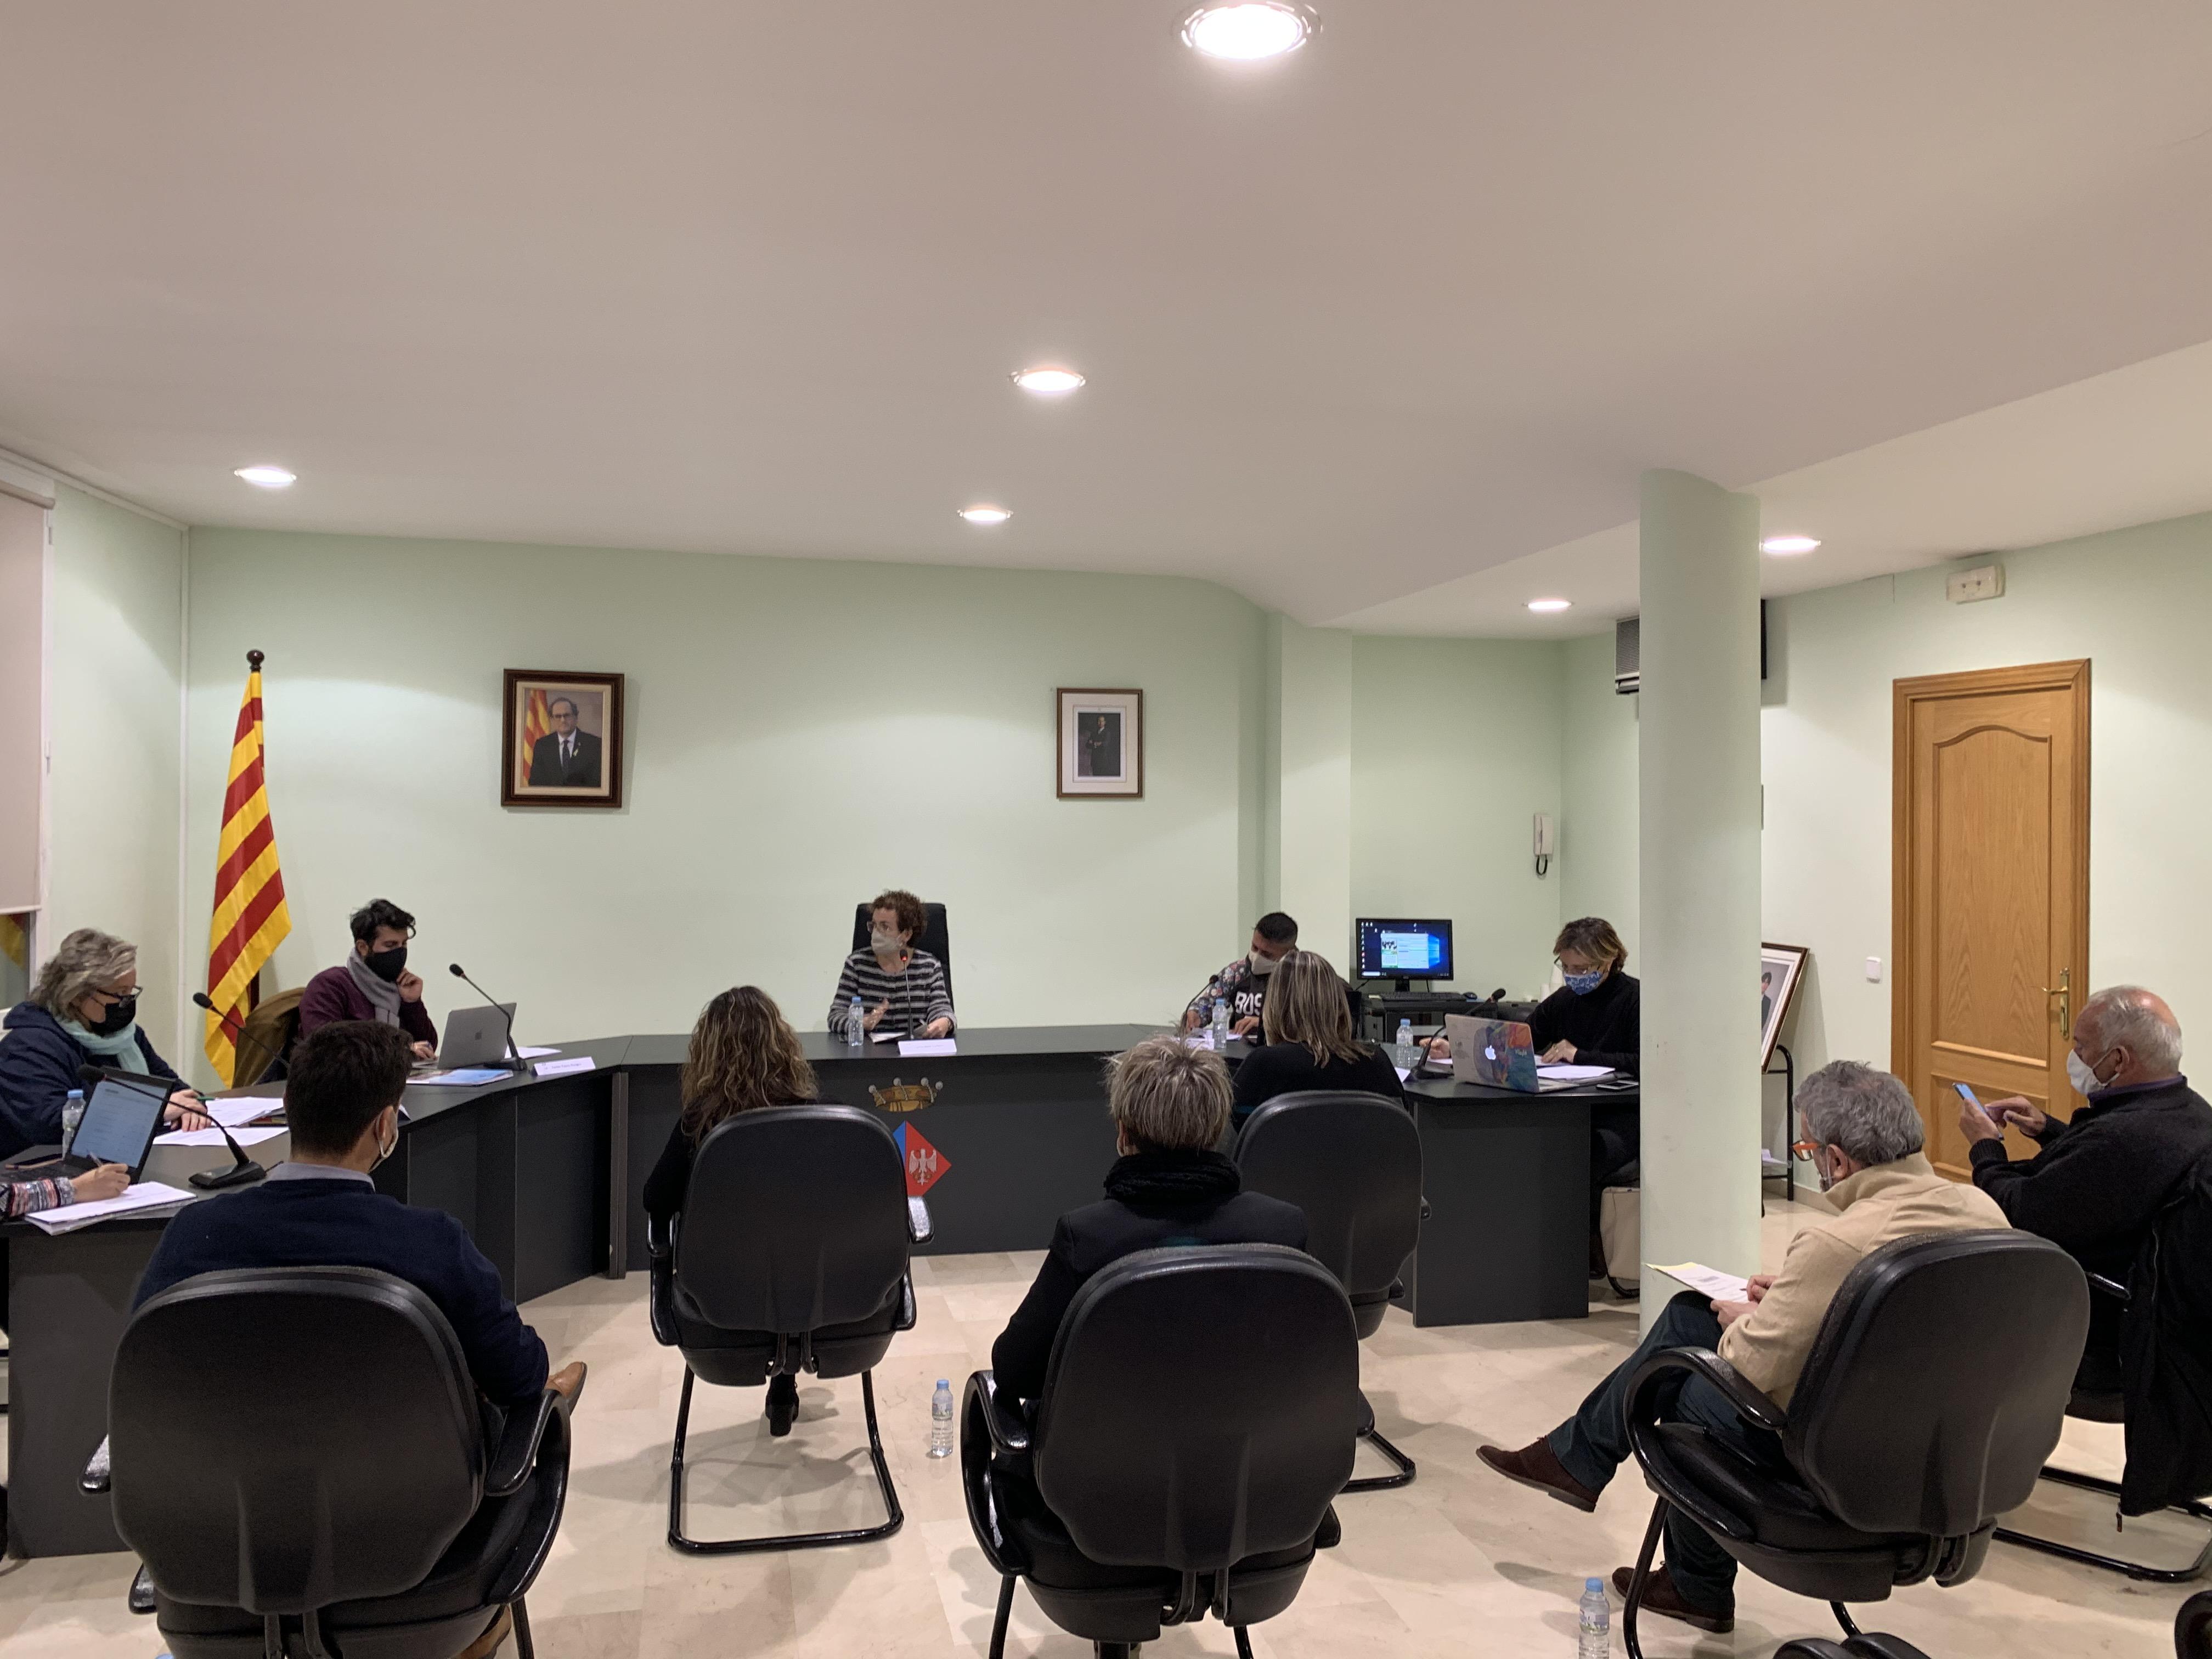 Aquest dilluns 21 de desembre s'ha celebrat el Ple Ordinari de l'Ajuntament de la Bisbal del Penedès